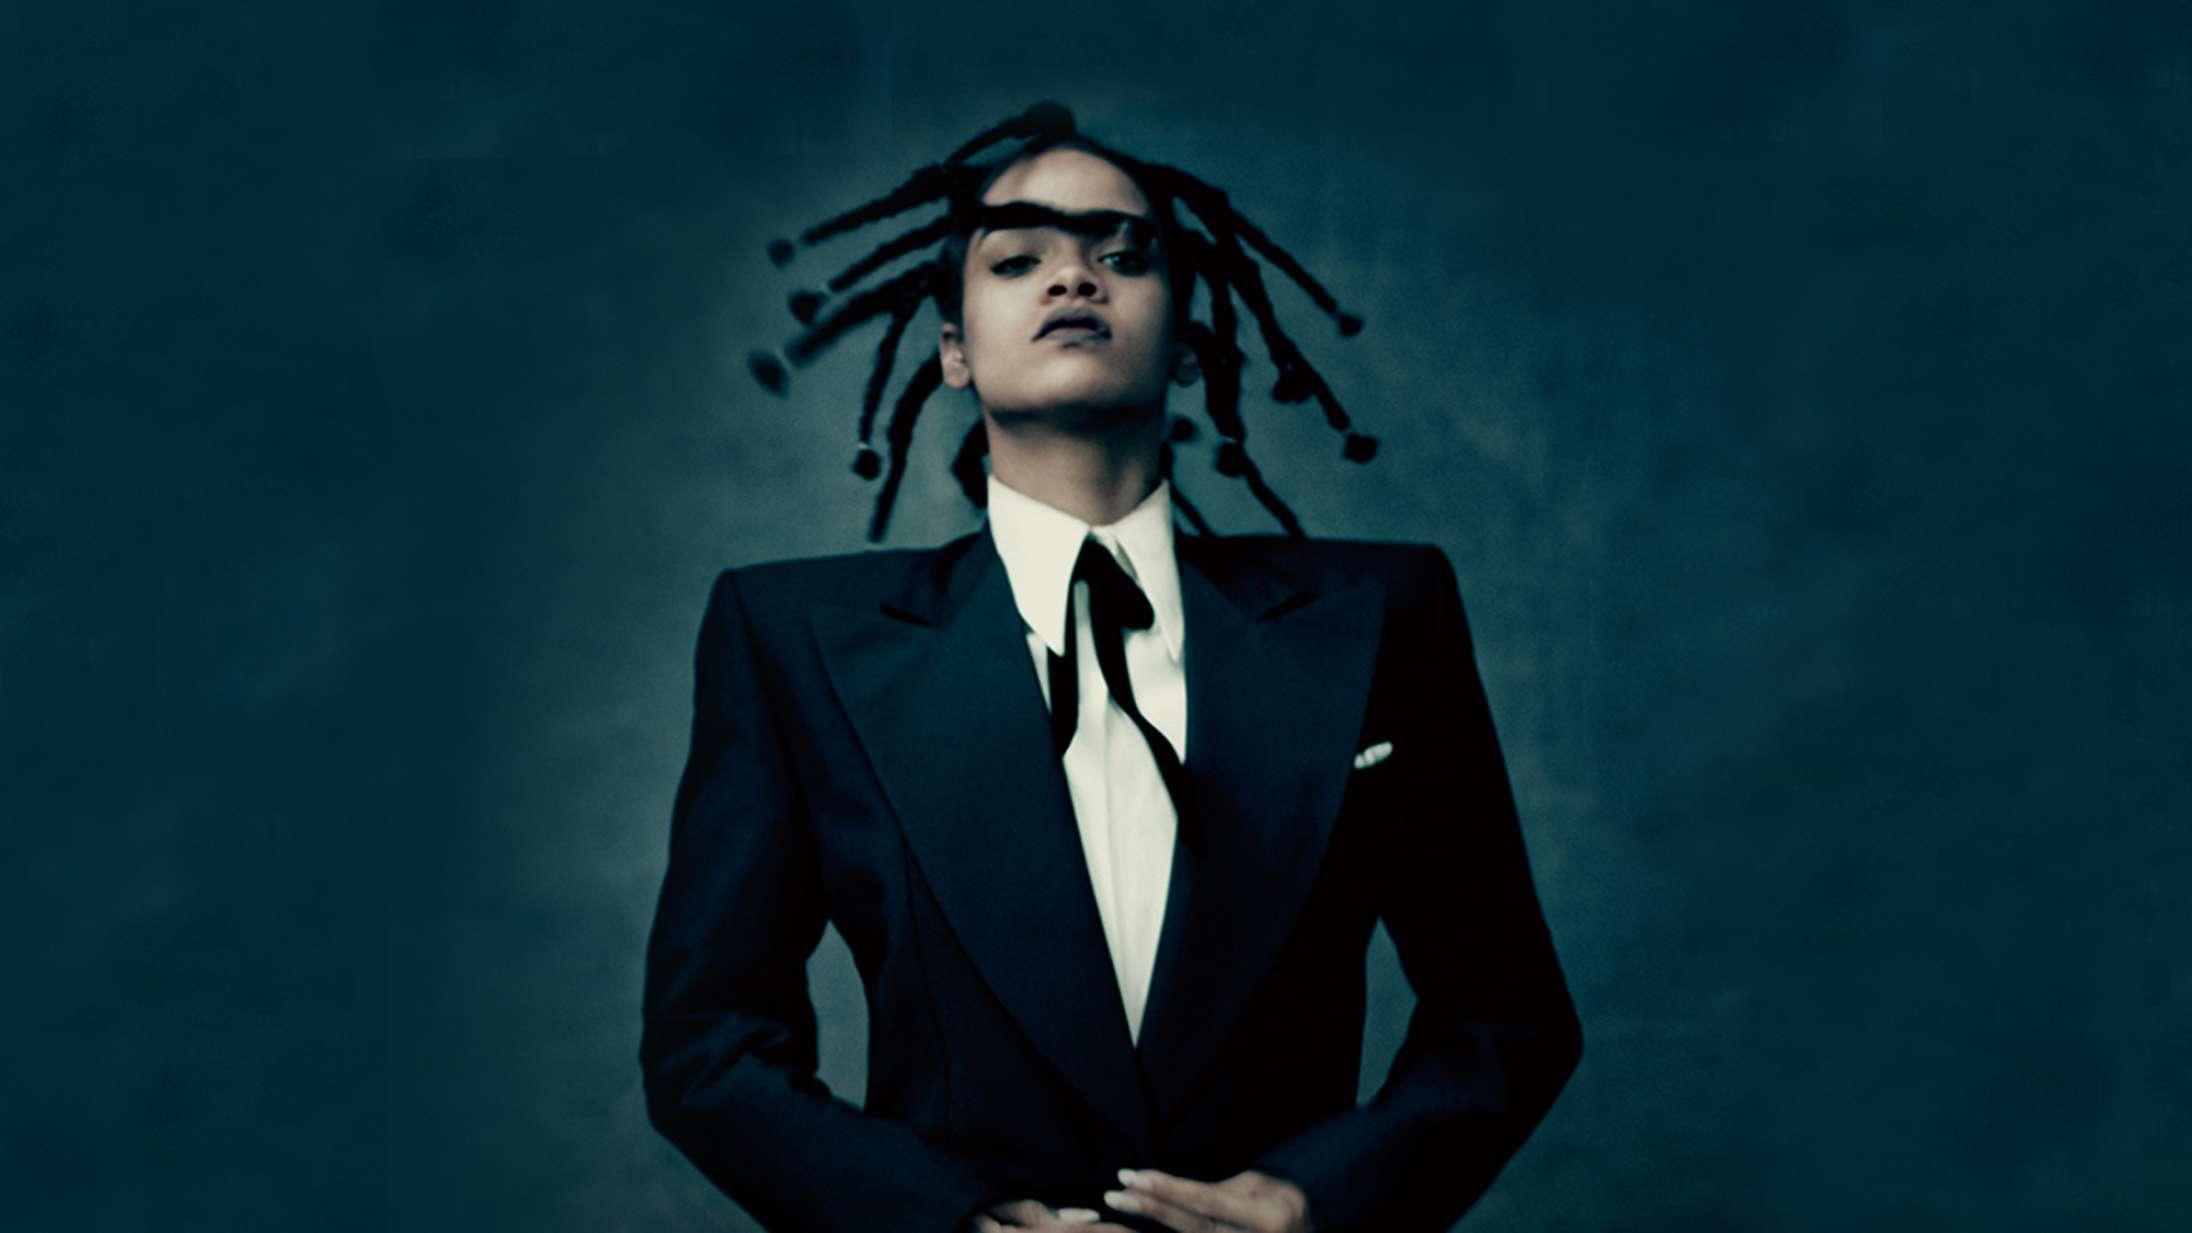 Sådan skabte omstridt og hyldet album den Rihanna, vi kender i dag